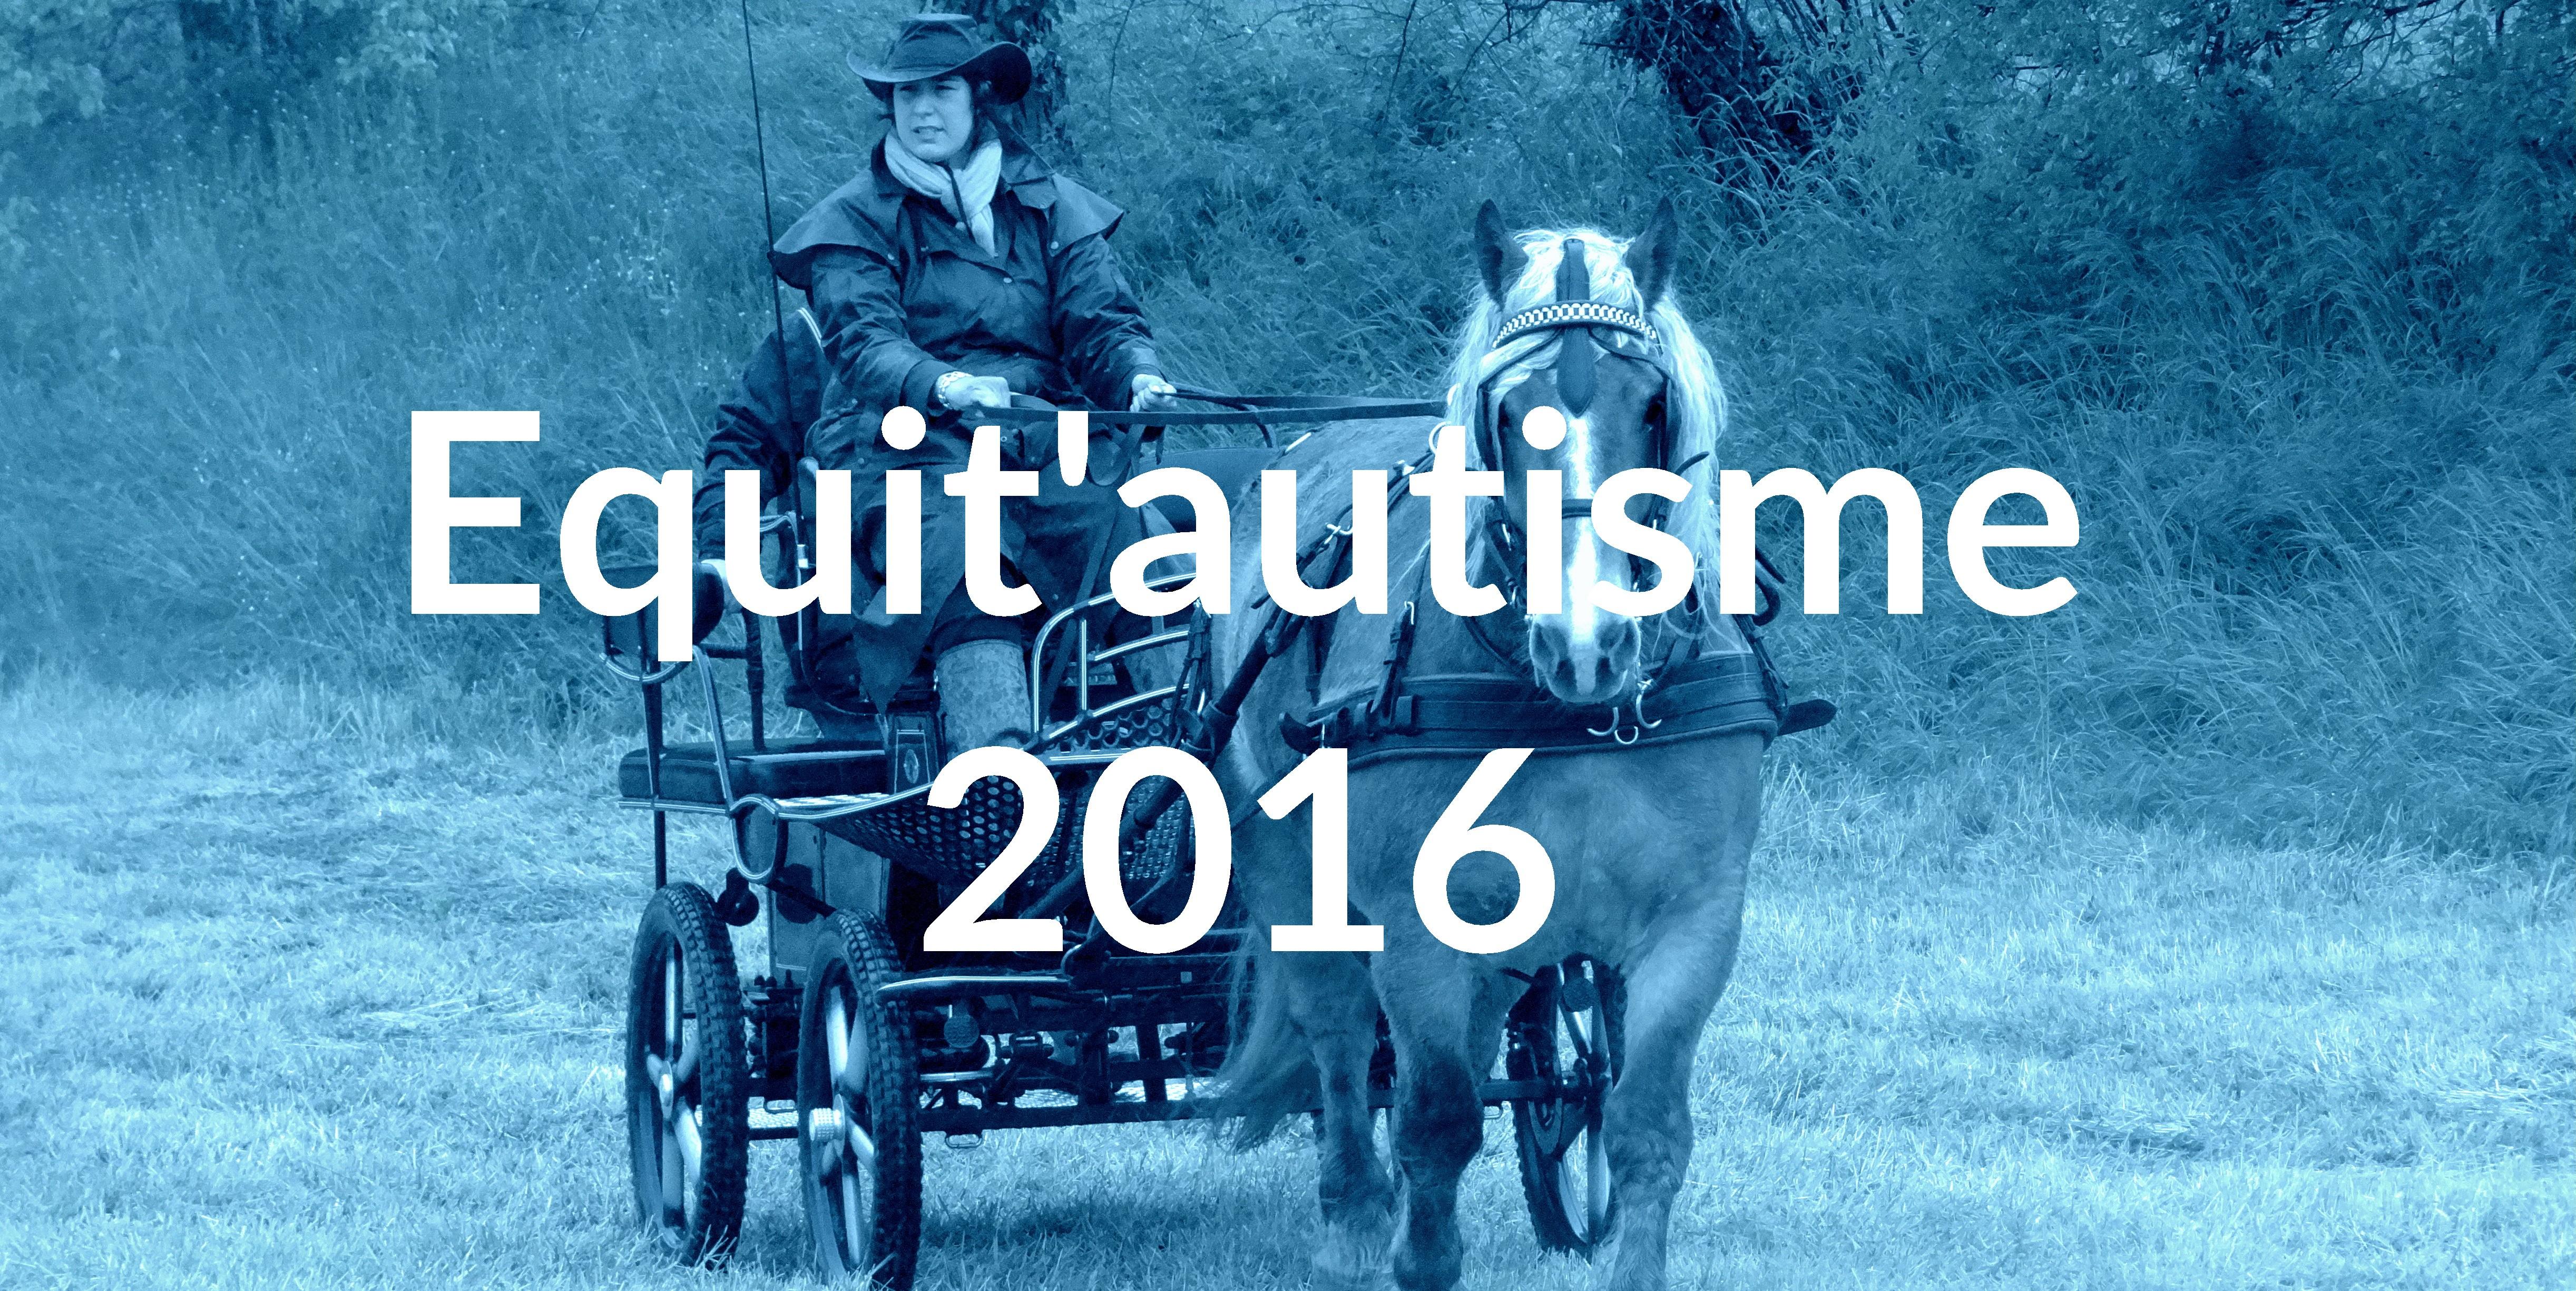 equitautisme 2016